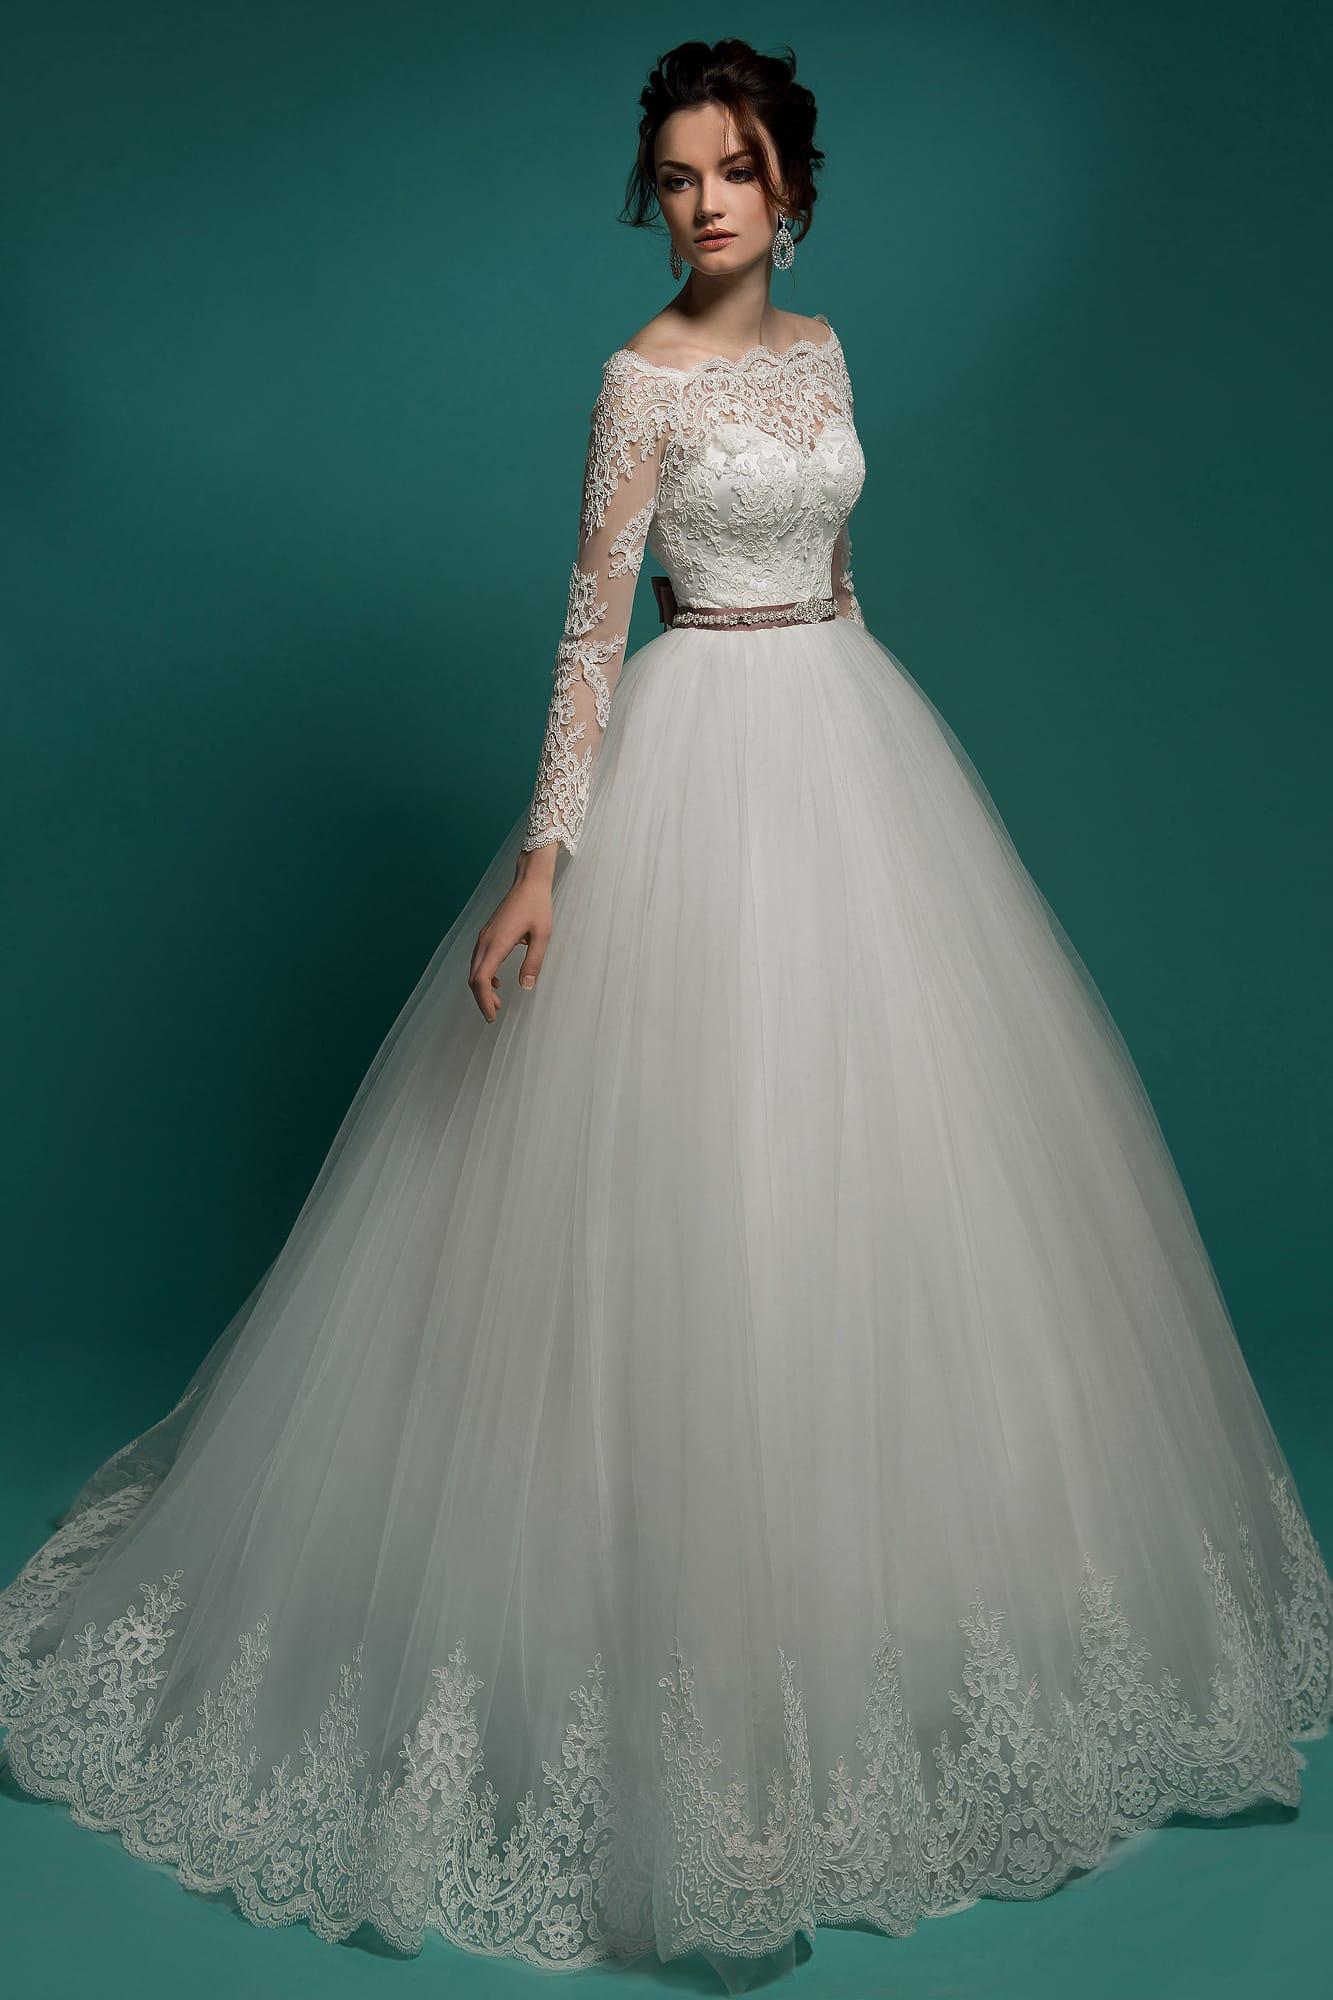 0238c97f0c2 Свадебное платье с выразительной кружевной отделкой и узким цветным поясом.